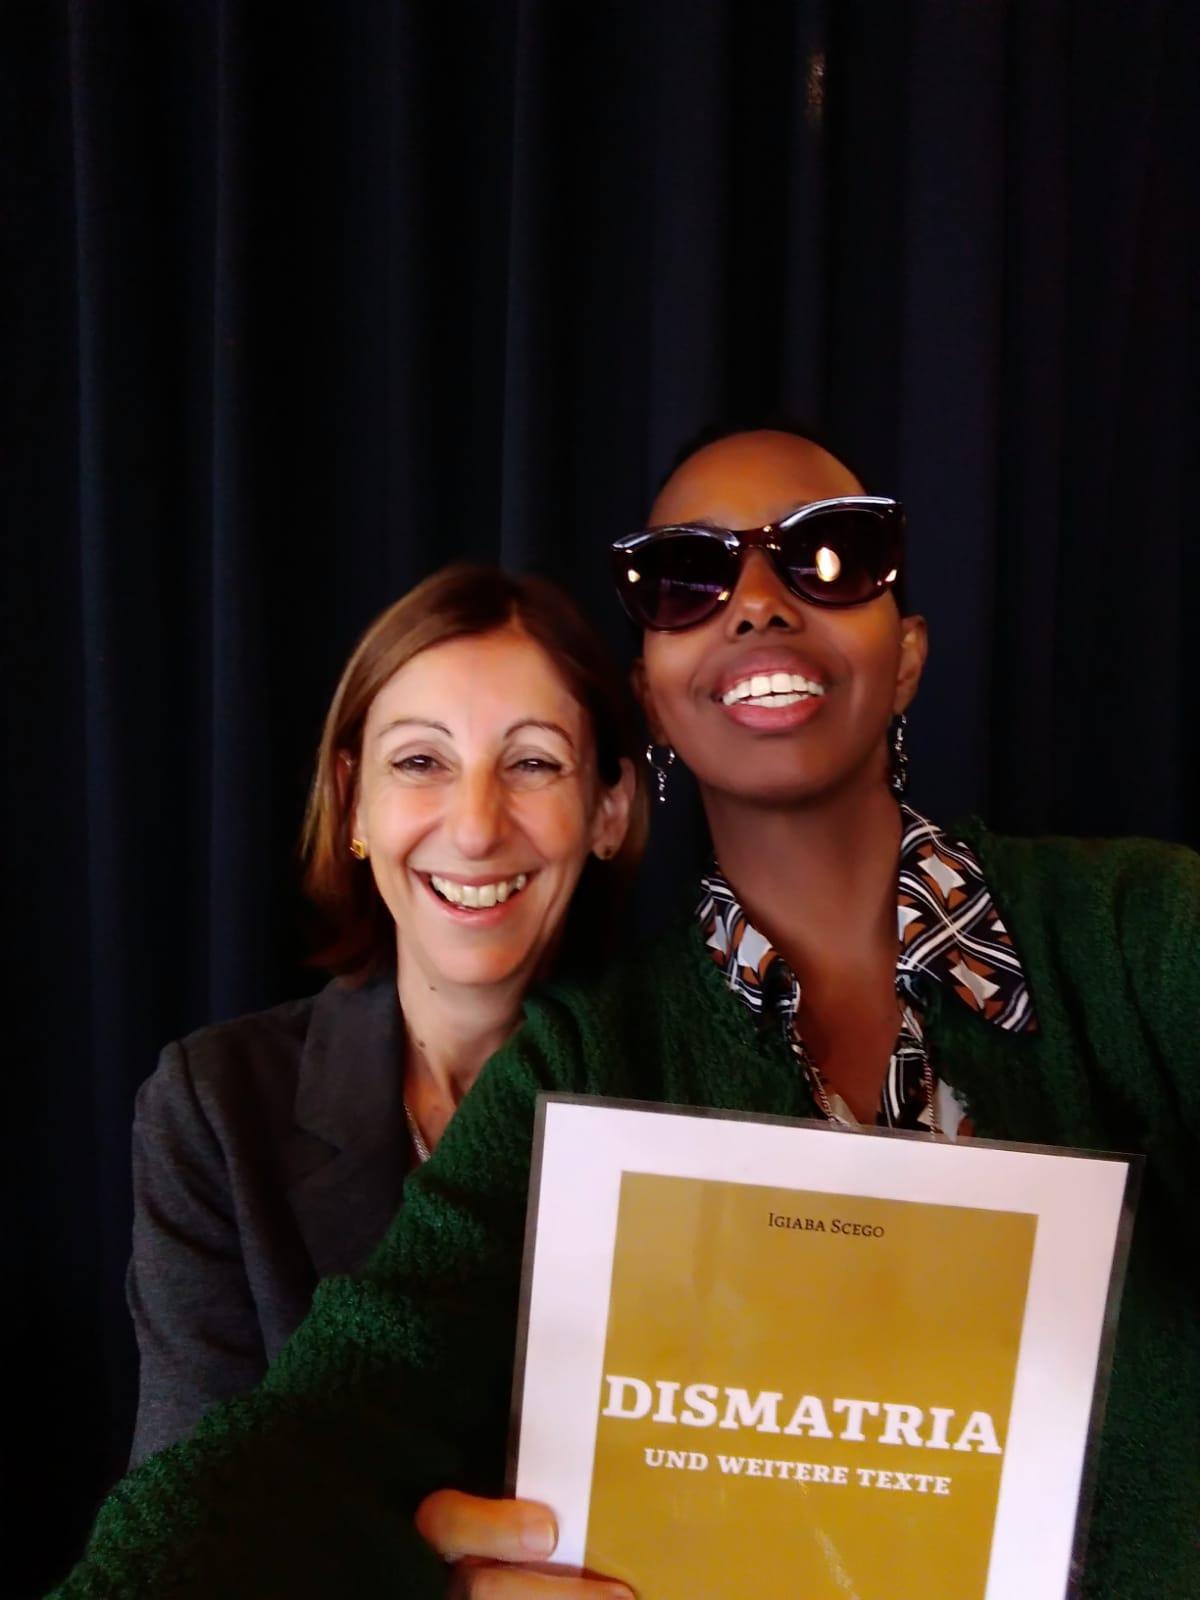 """La scrittrice Igiaba Scego e l'editrice Alessandra Ballesi Hansen si fanno un selfie con la copertina di """"Dismatria"""", che uscirà a febbraio 2020."""